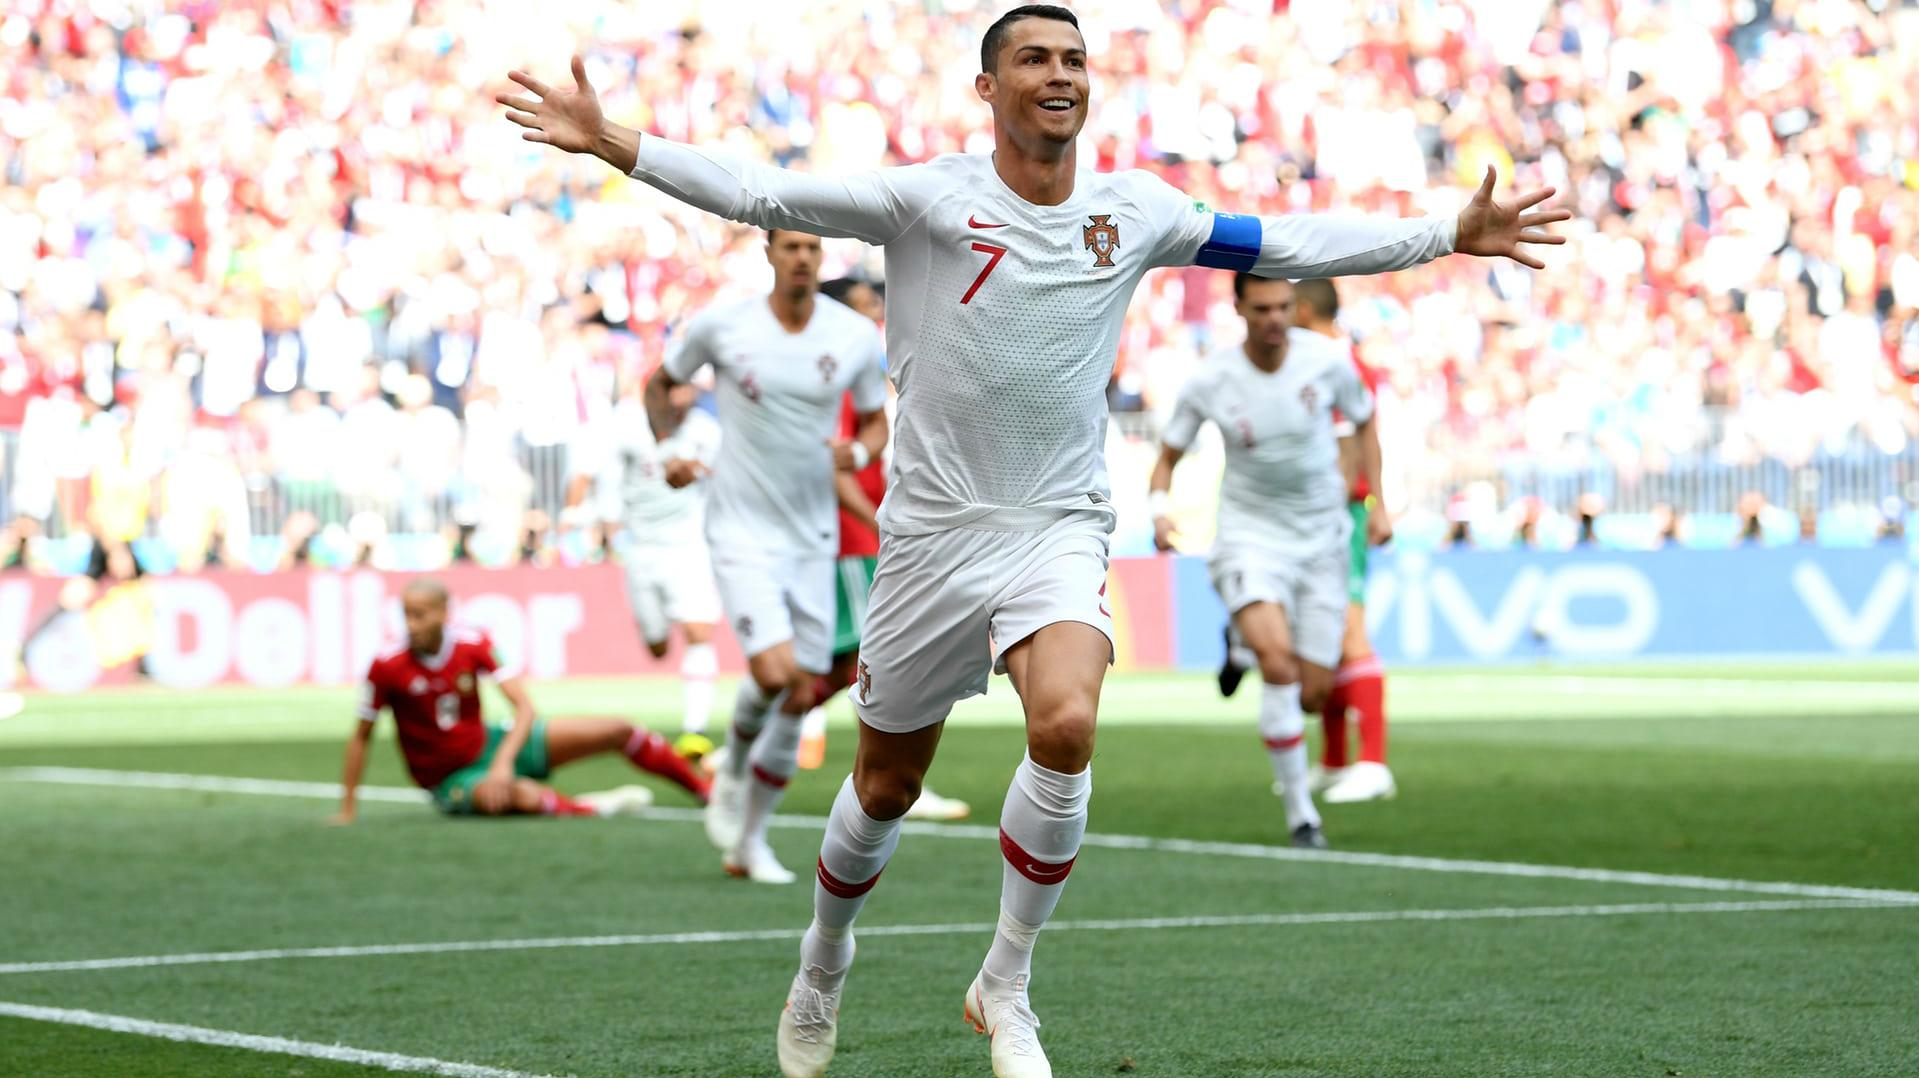 8cc58a2d0 Portugalští fotbalisté na MS díky Ronaldovi zdolali 1:0 Maroko ...